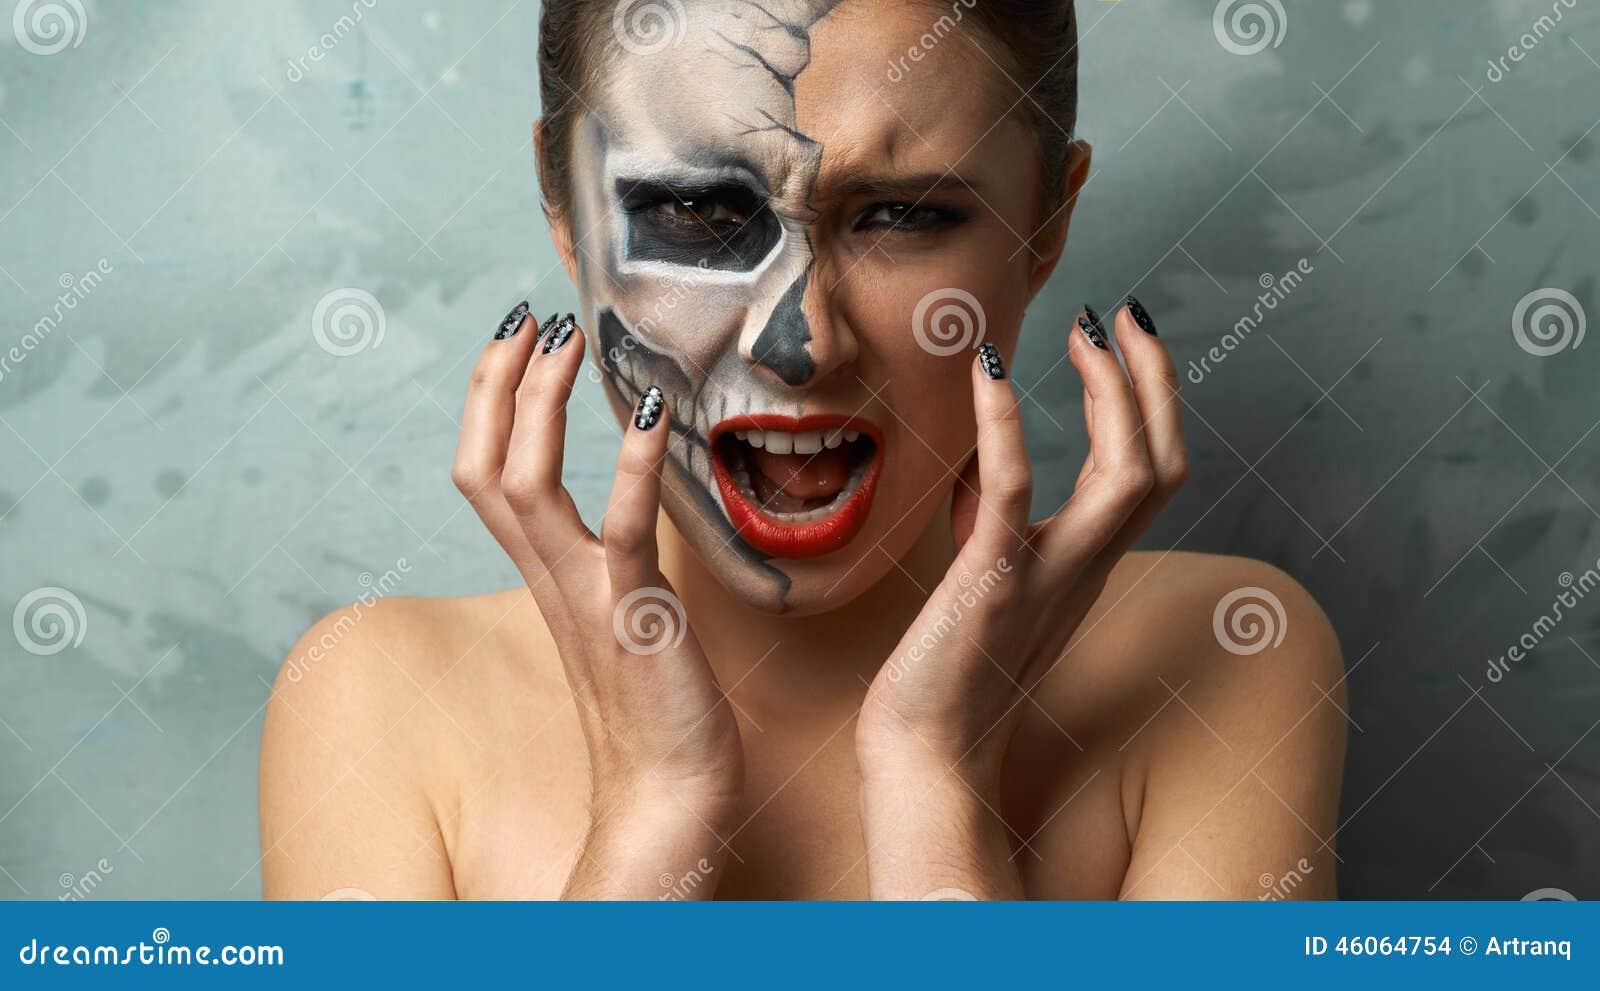 Les os de notre visage changent en vieillissant - Bodyscience